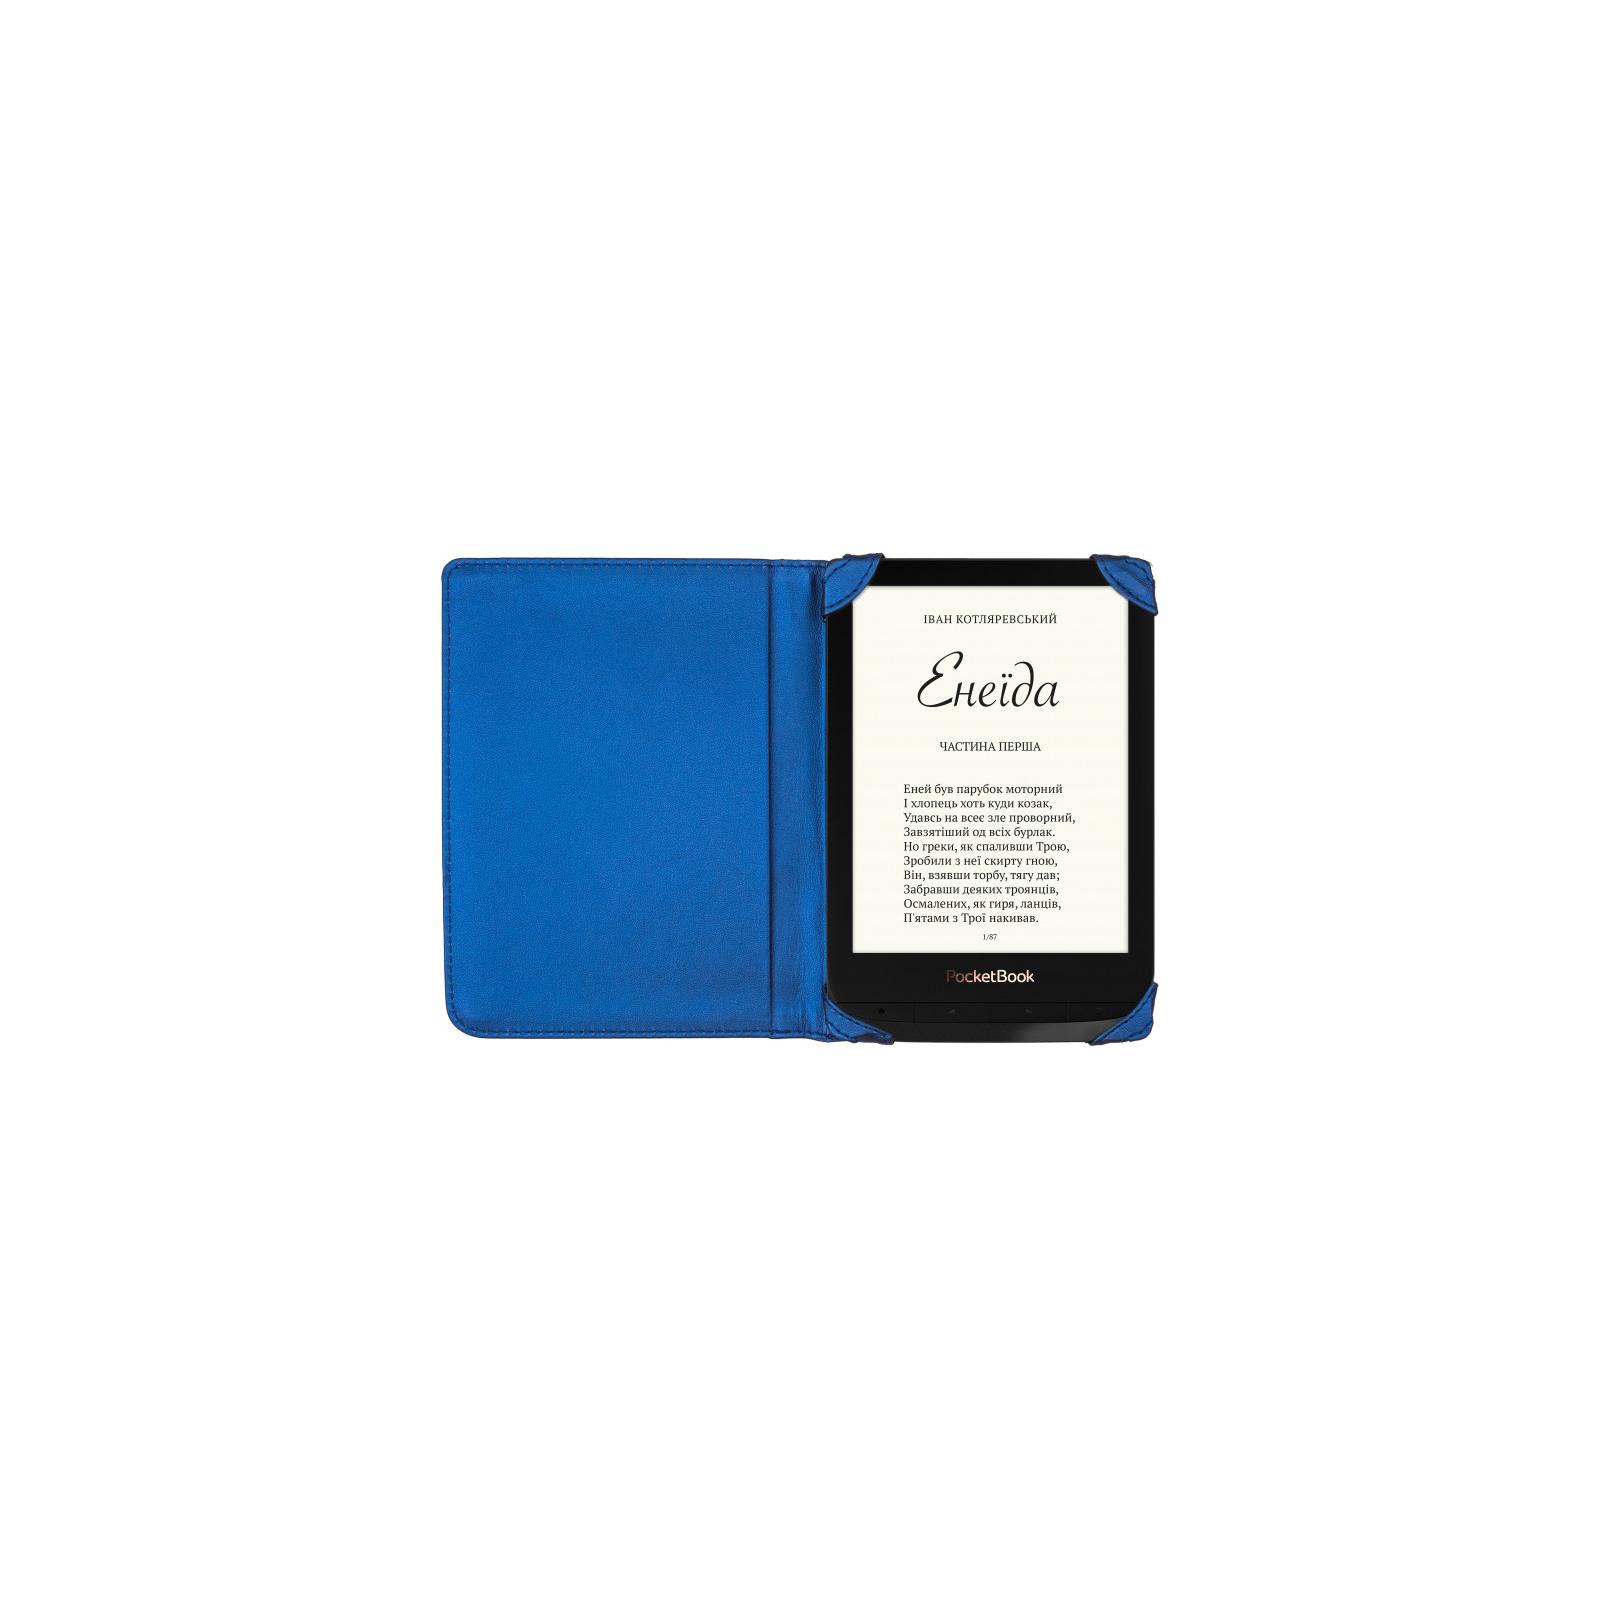 """Чехол для электронной книги Pocketbook 6"""" 616/627/632 red (VLPB-TB627RD1) изображение 3"""